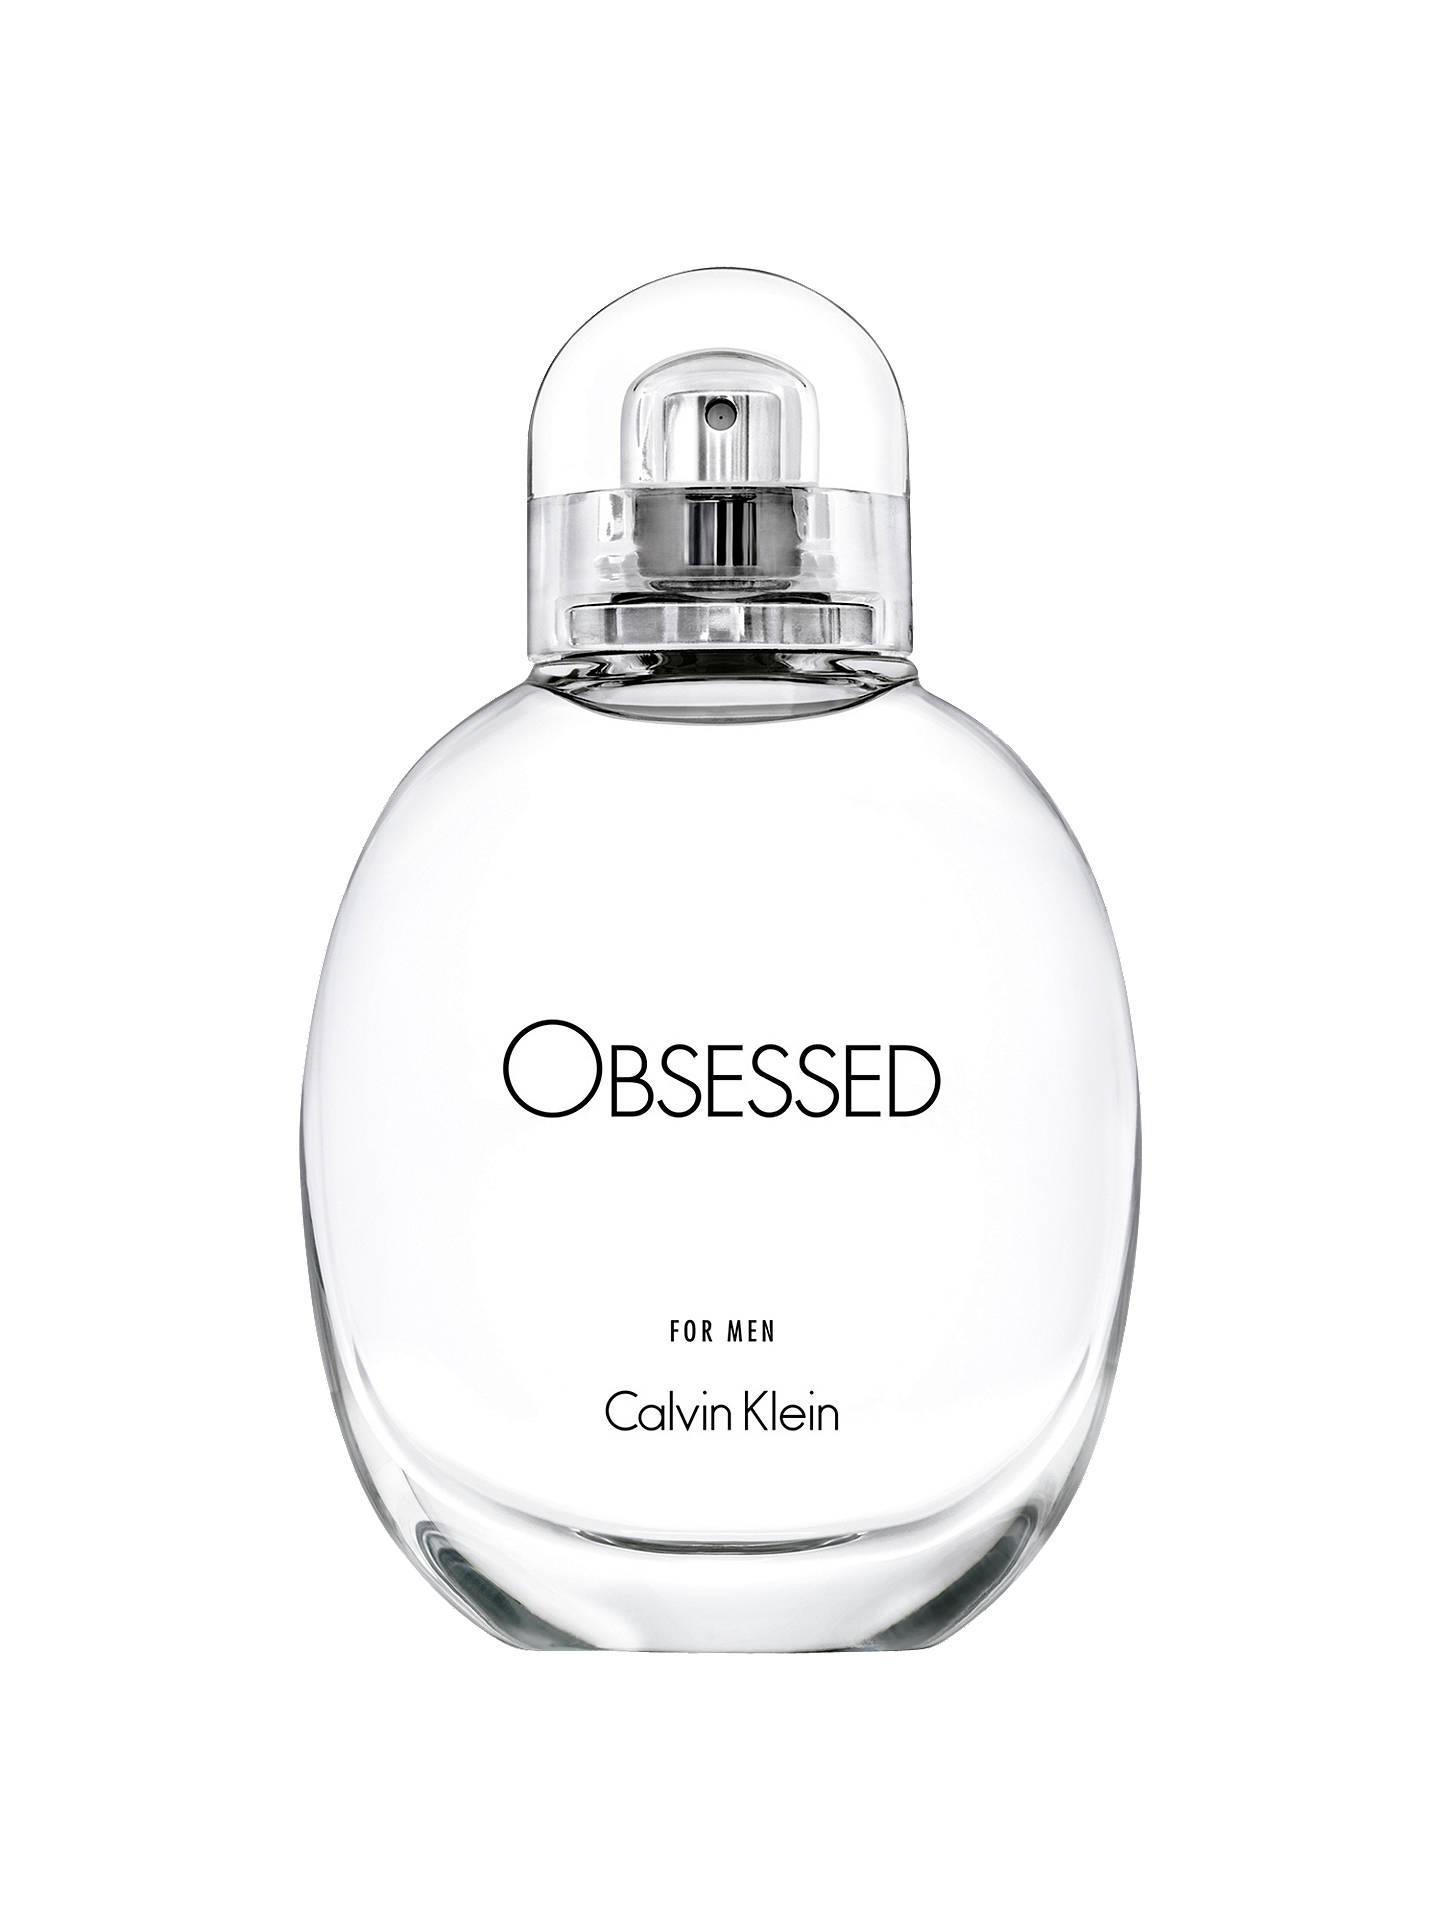 3983ca7698 Calvin Klein Obsessed For Men Eau de Toilette at John Lewis   Partners